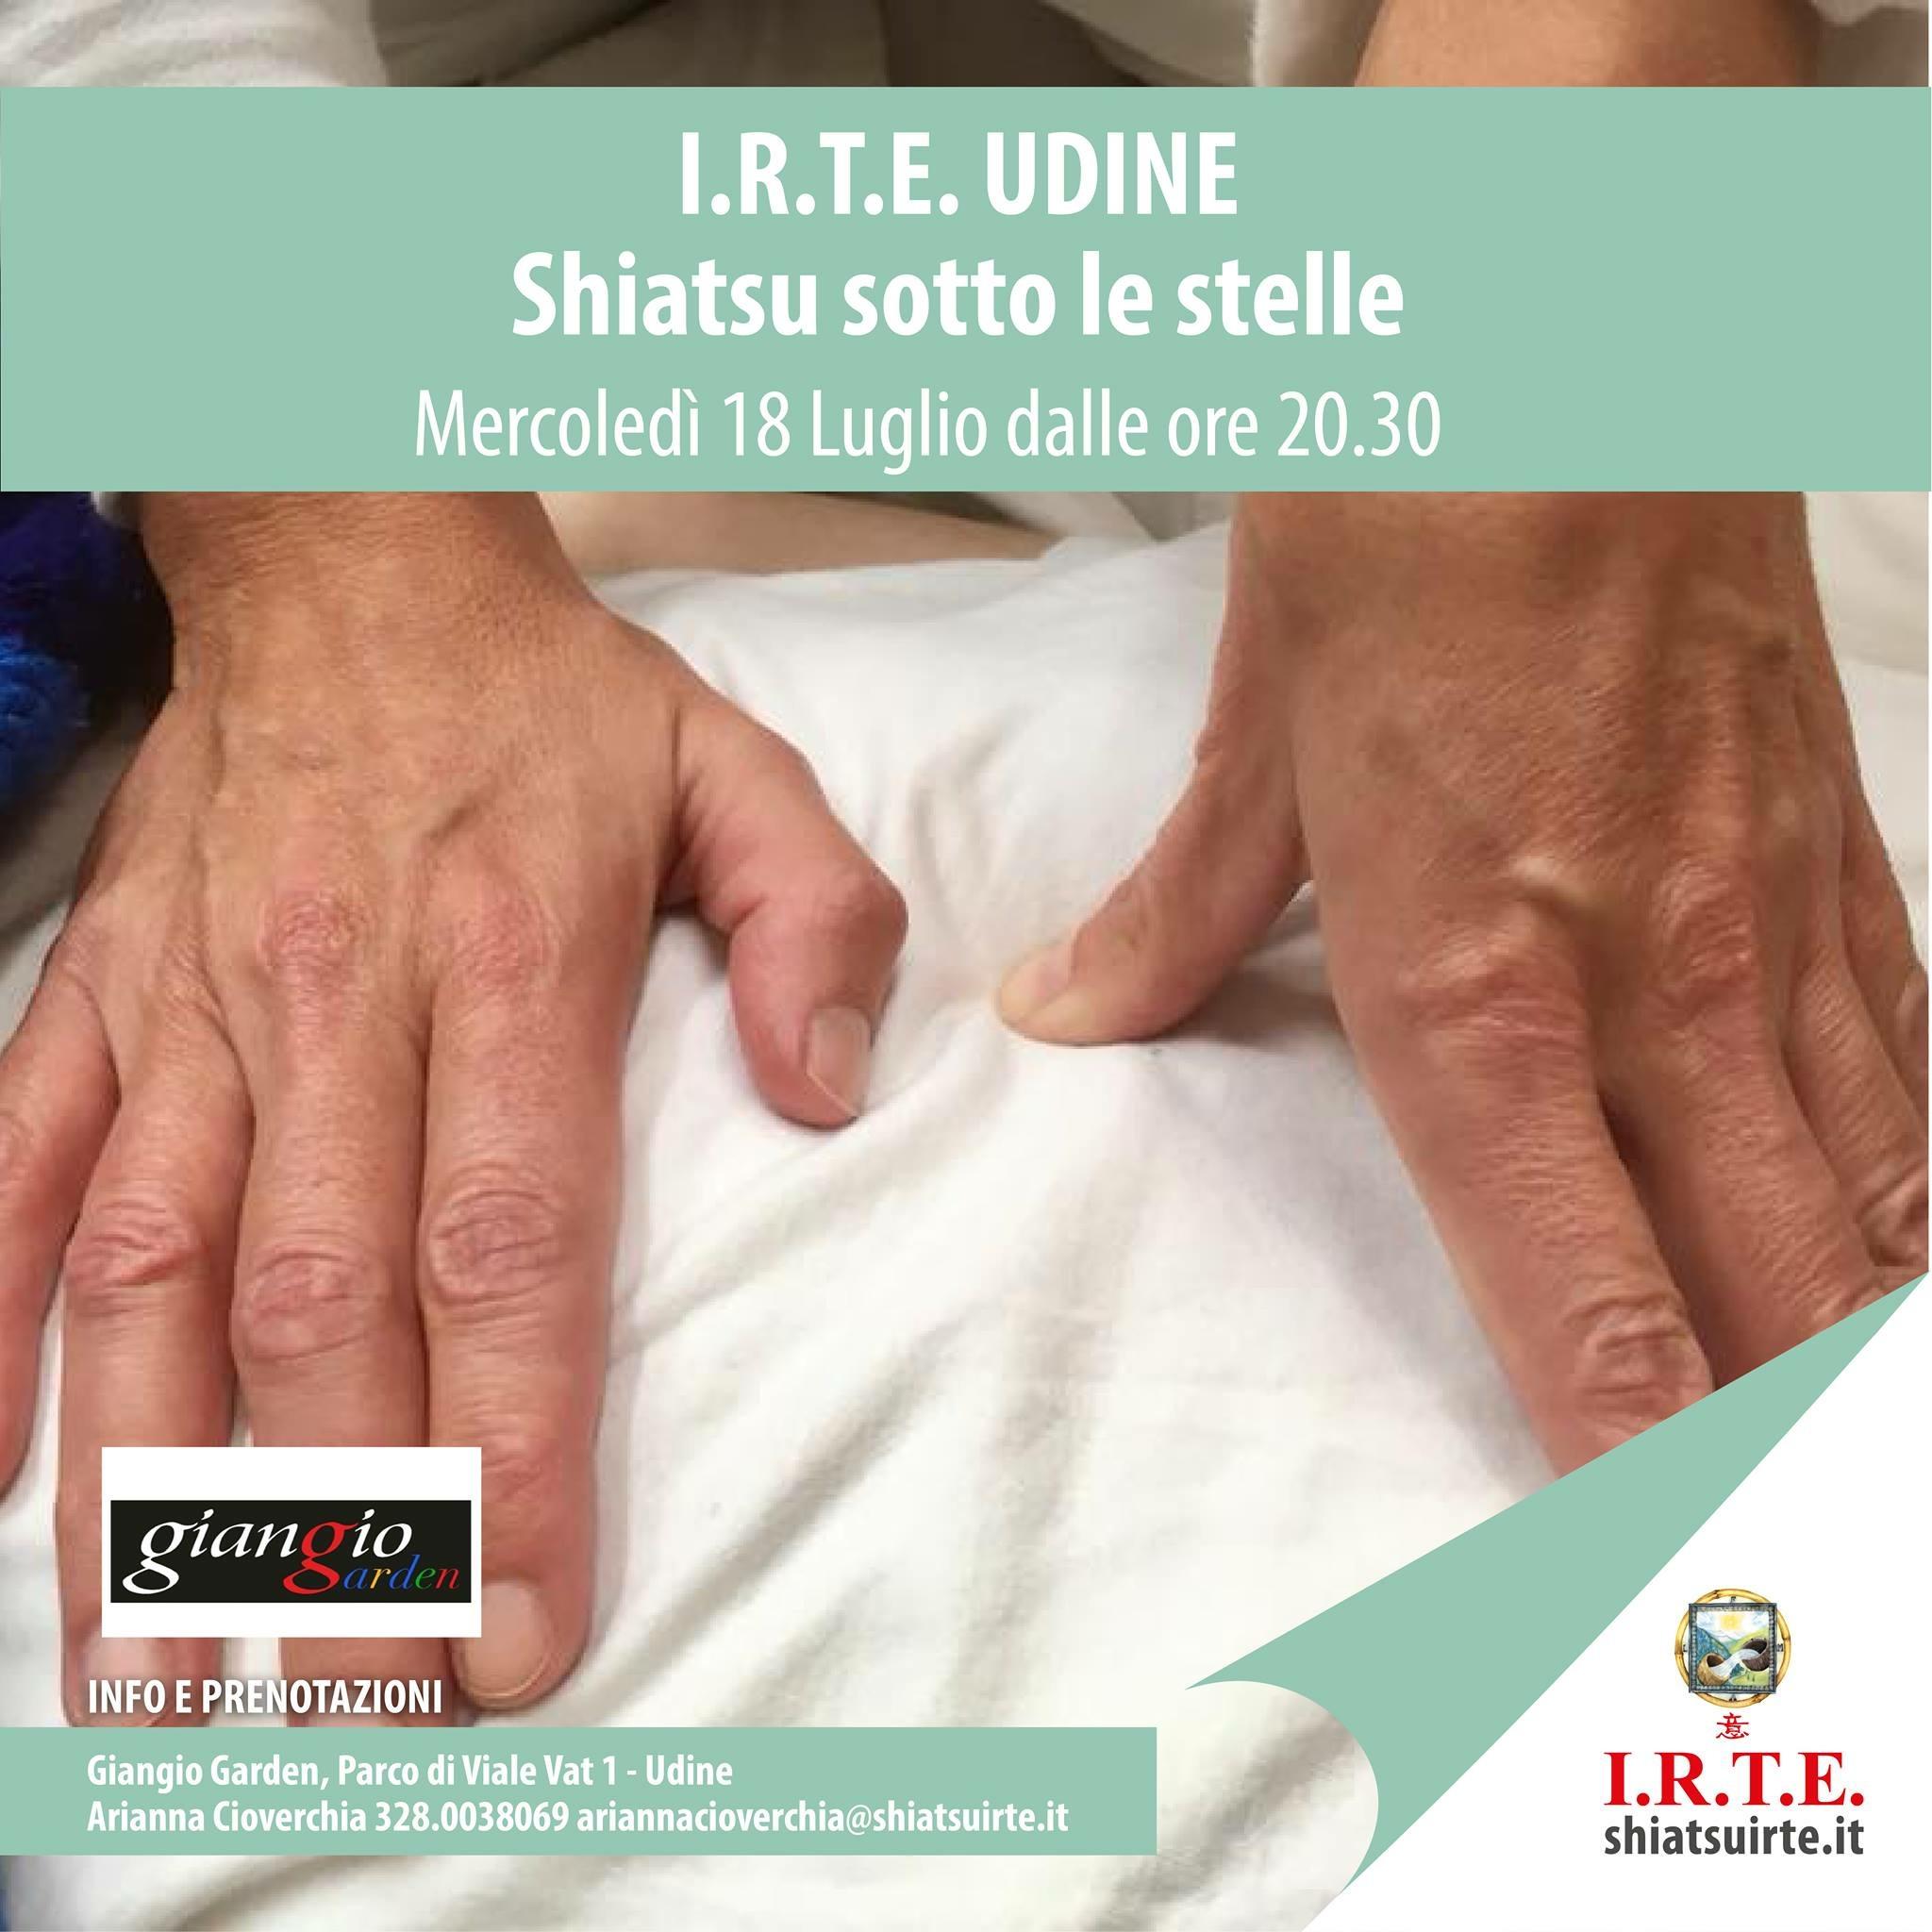 Shiatsu sotto le stelle a Udine: 18 luglio 2018